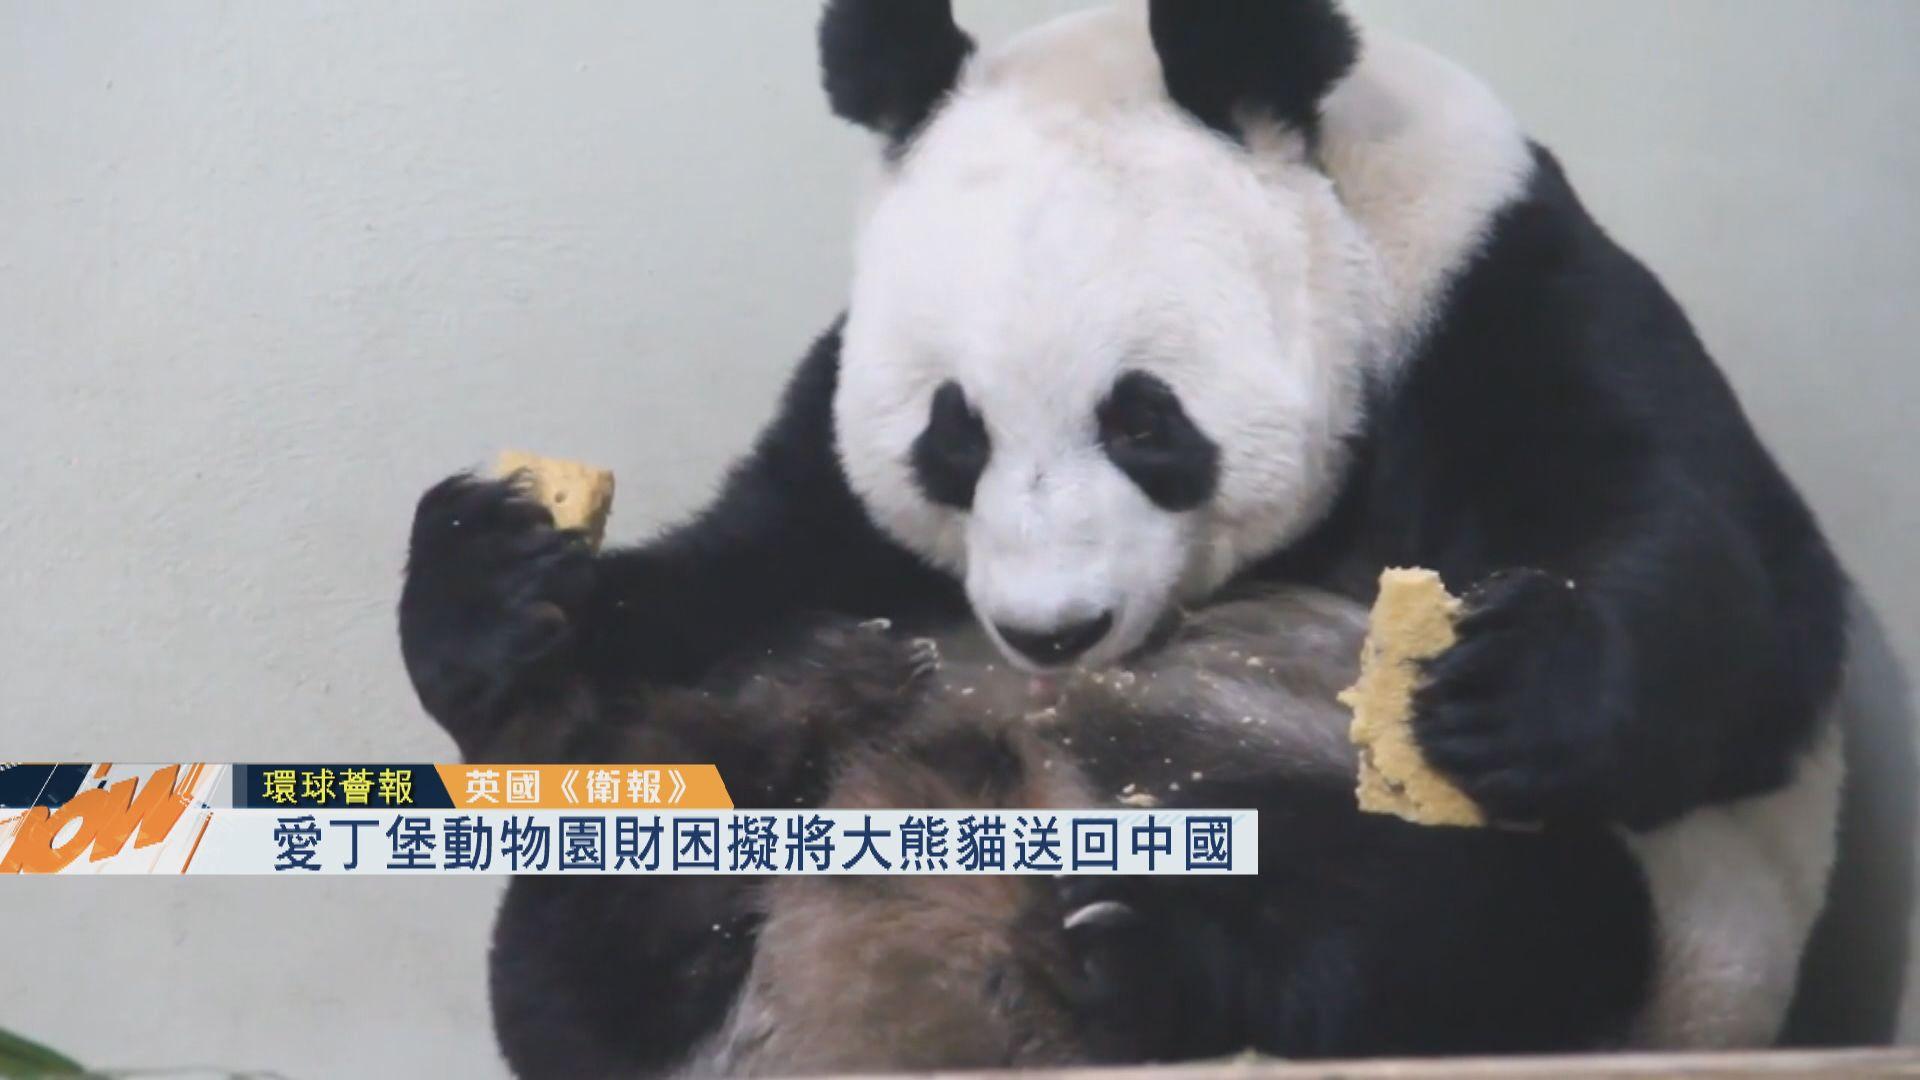 【環球薈報】愛丁堡動物園財困擬將大熊貓送回中國